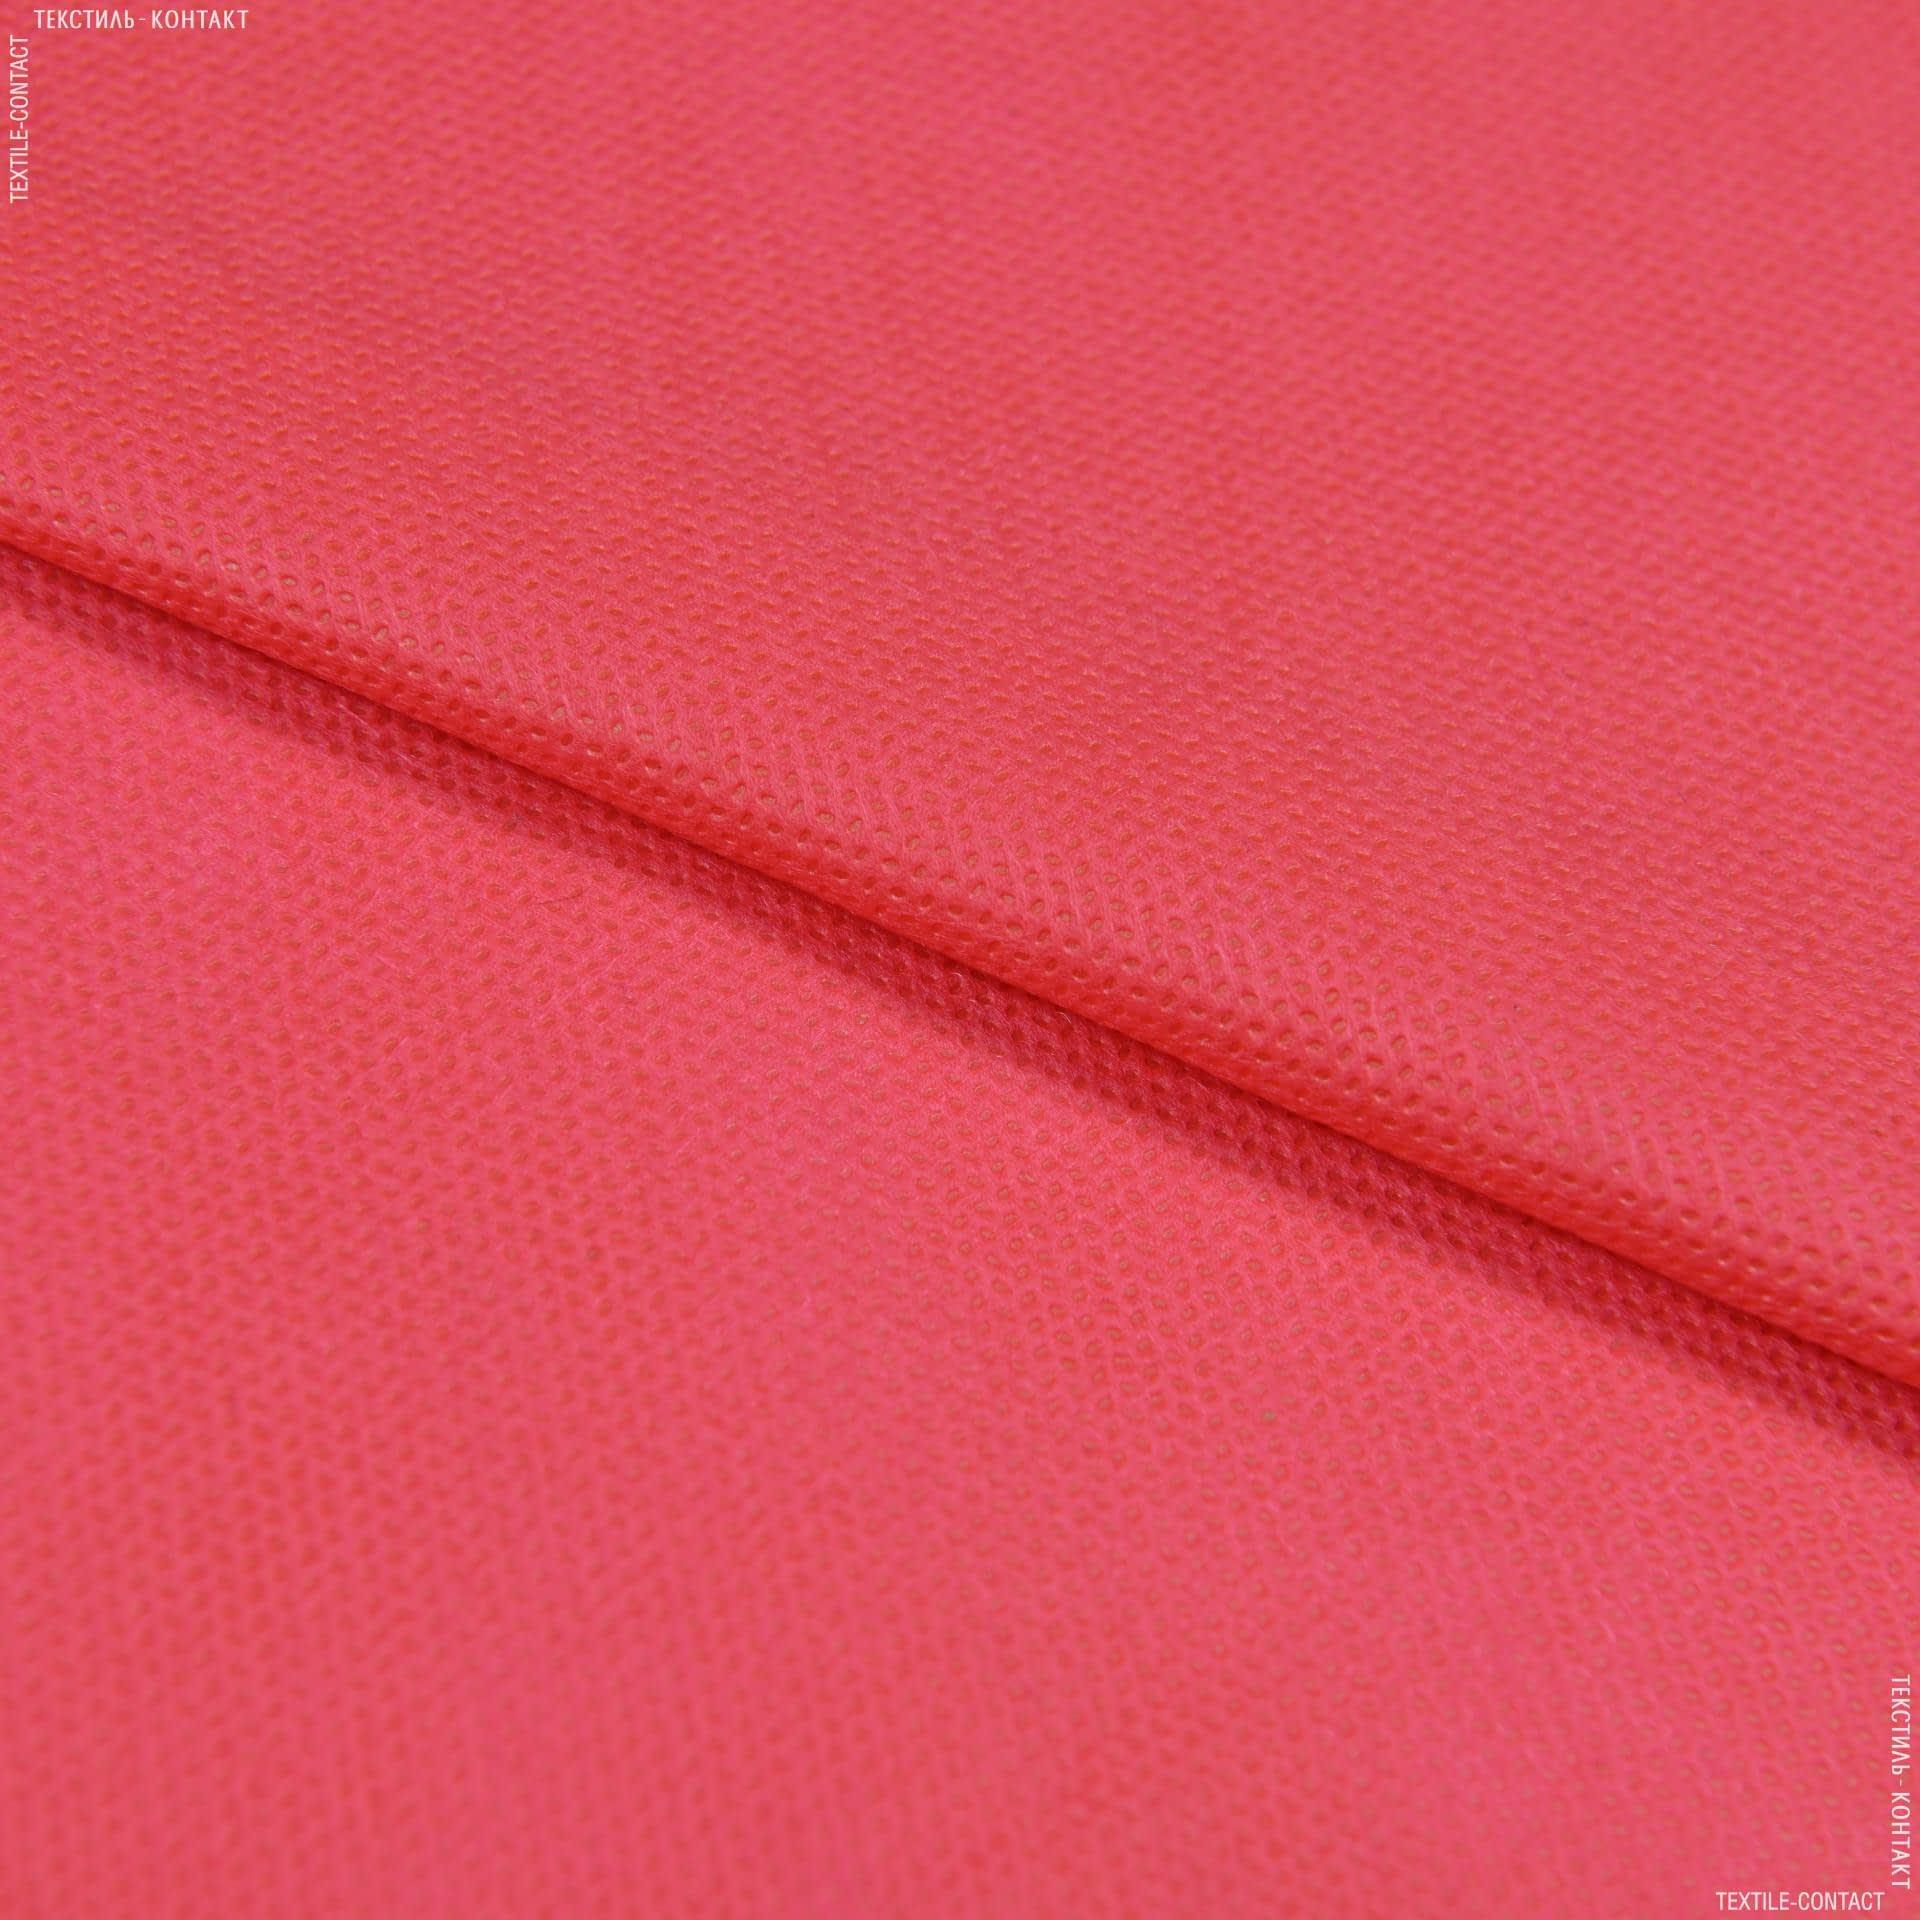 Тканини неткане полотно - Спанбонд  60g червоний